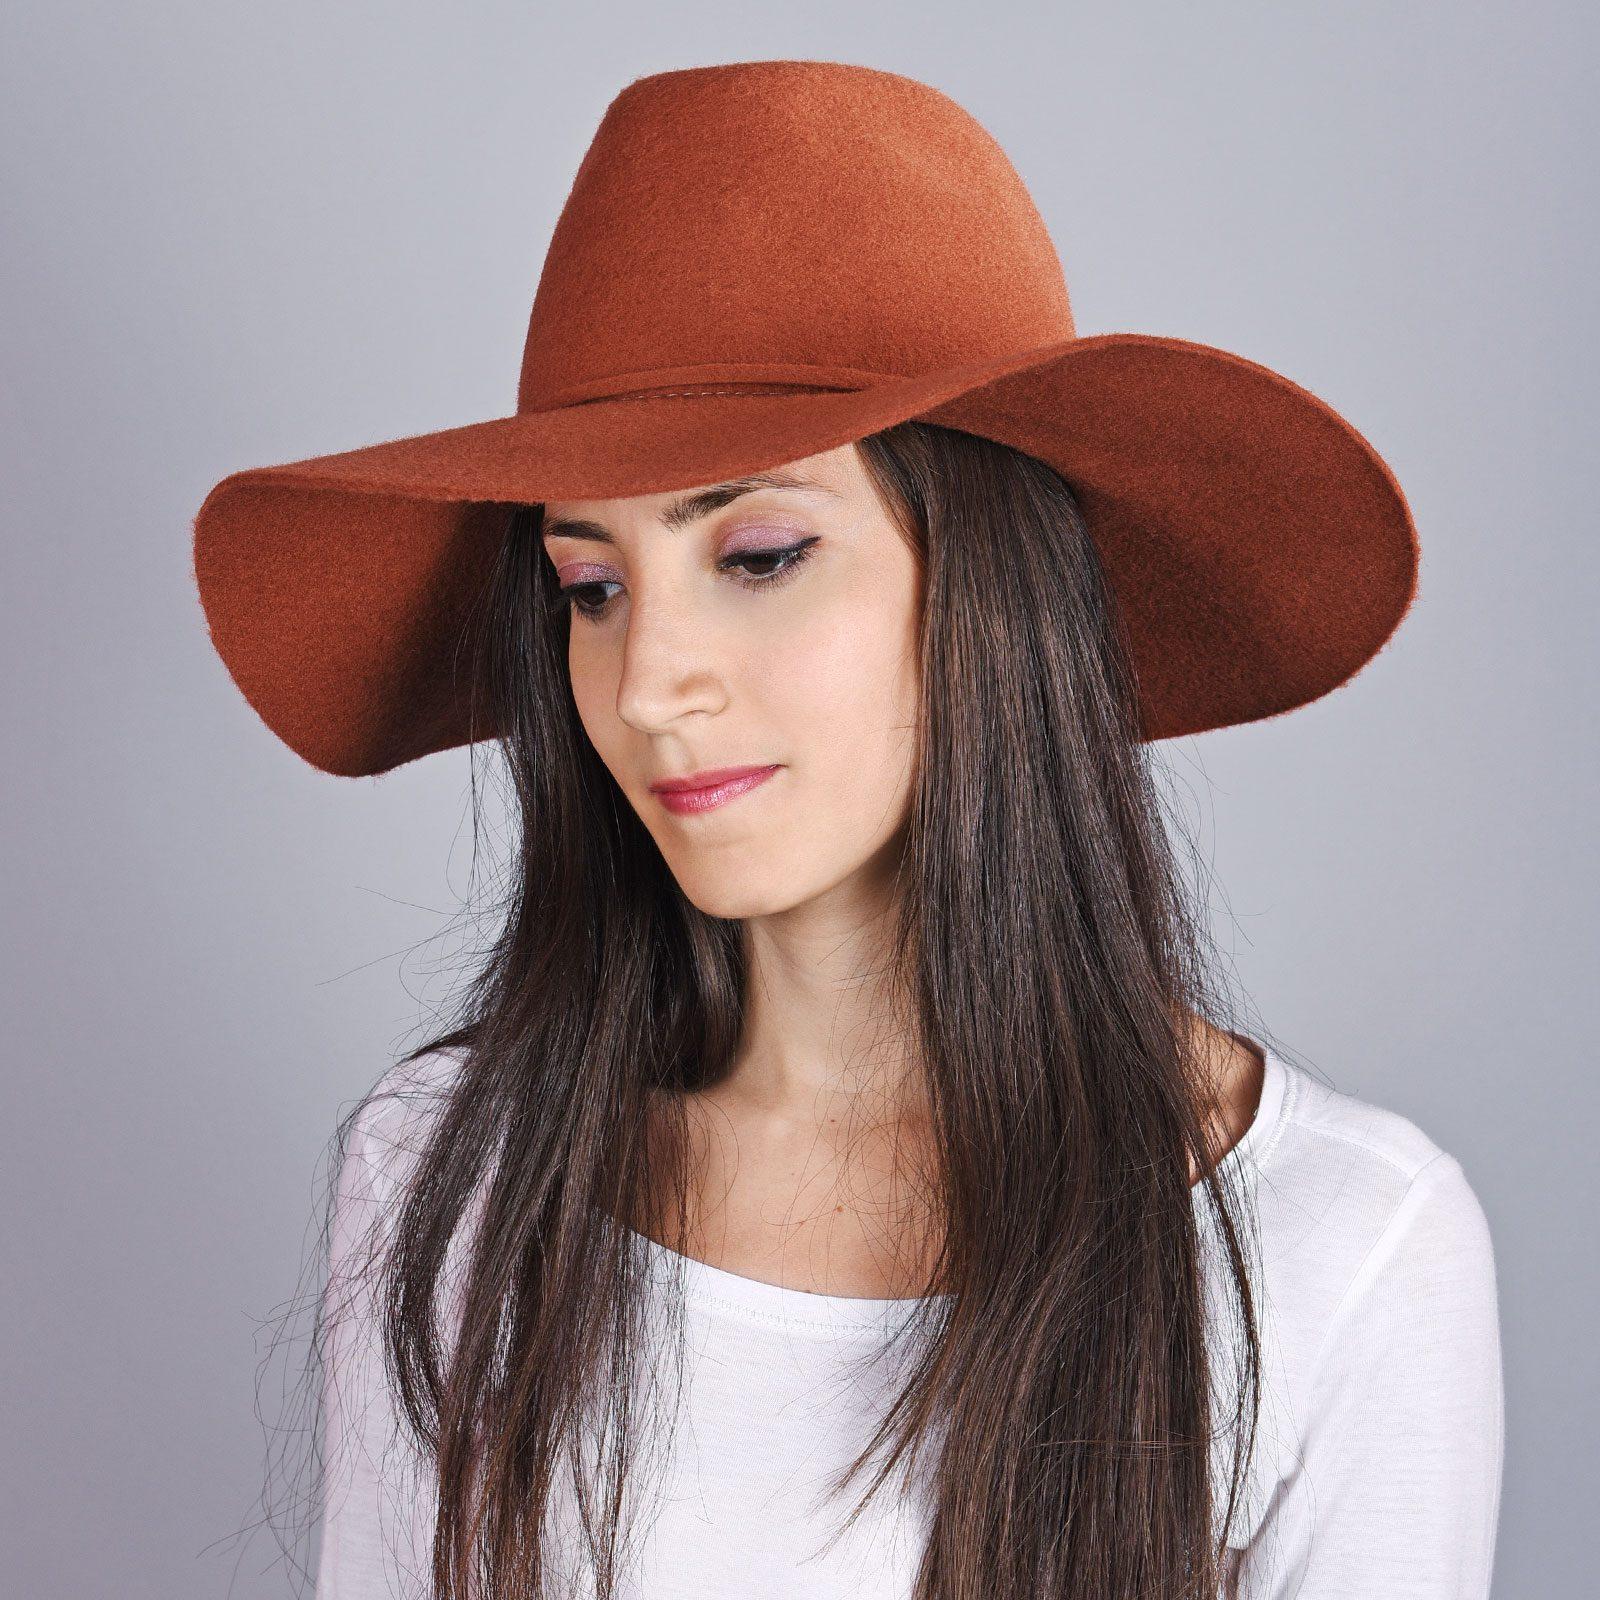 http://lookbook.allee-du-foulard.fr/wp-content/uploads/2018/10/CP-01018-VF16-1-chapeau-femme-feutre-laine-brique-1600x1600.jpg